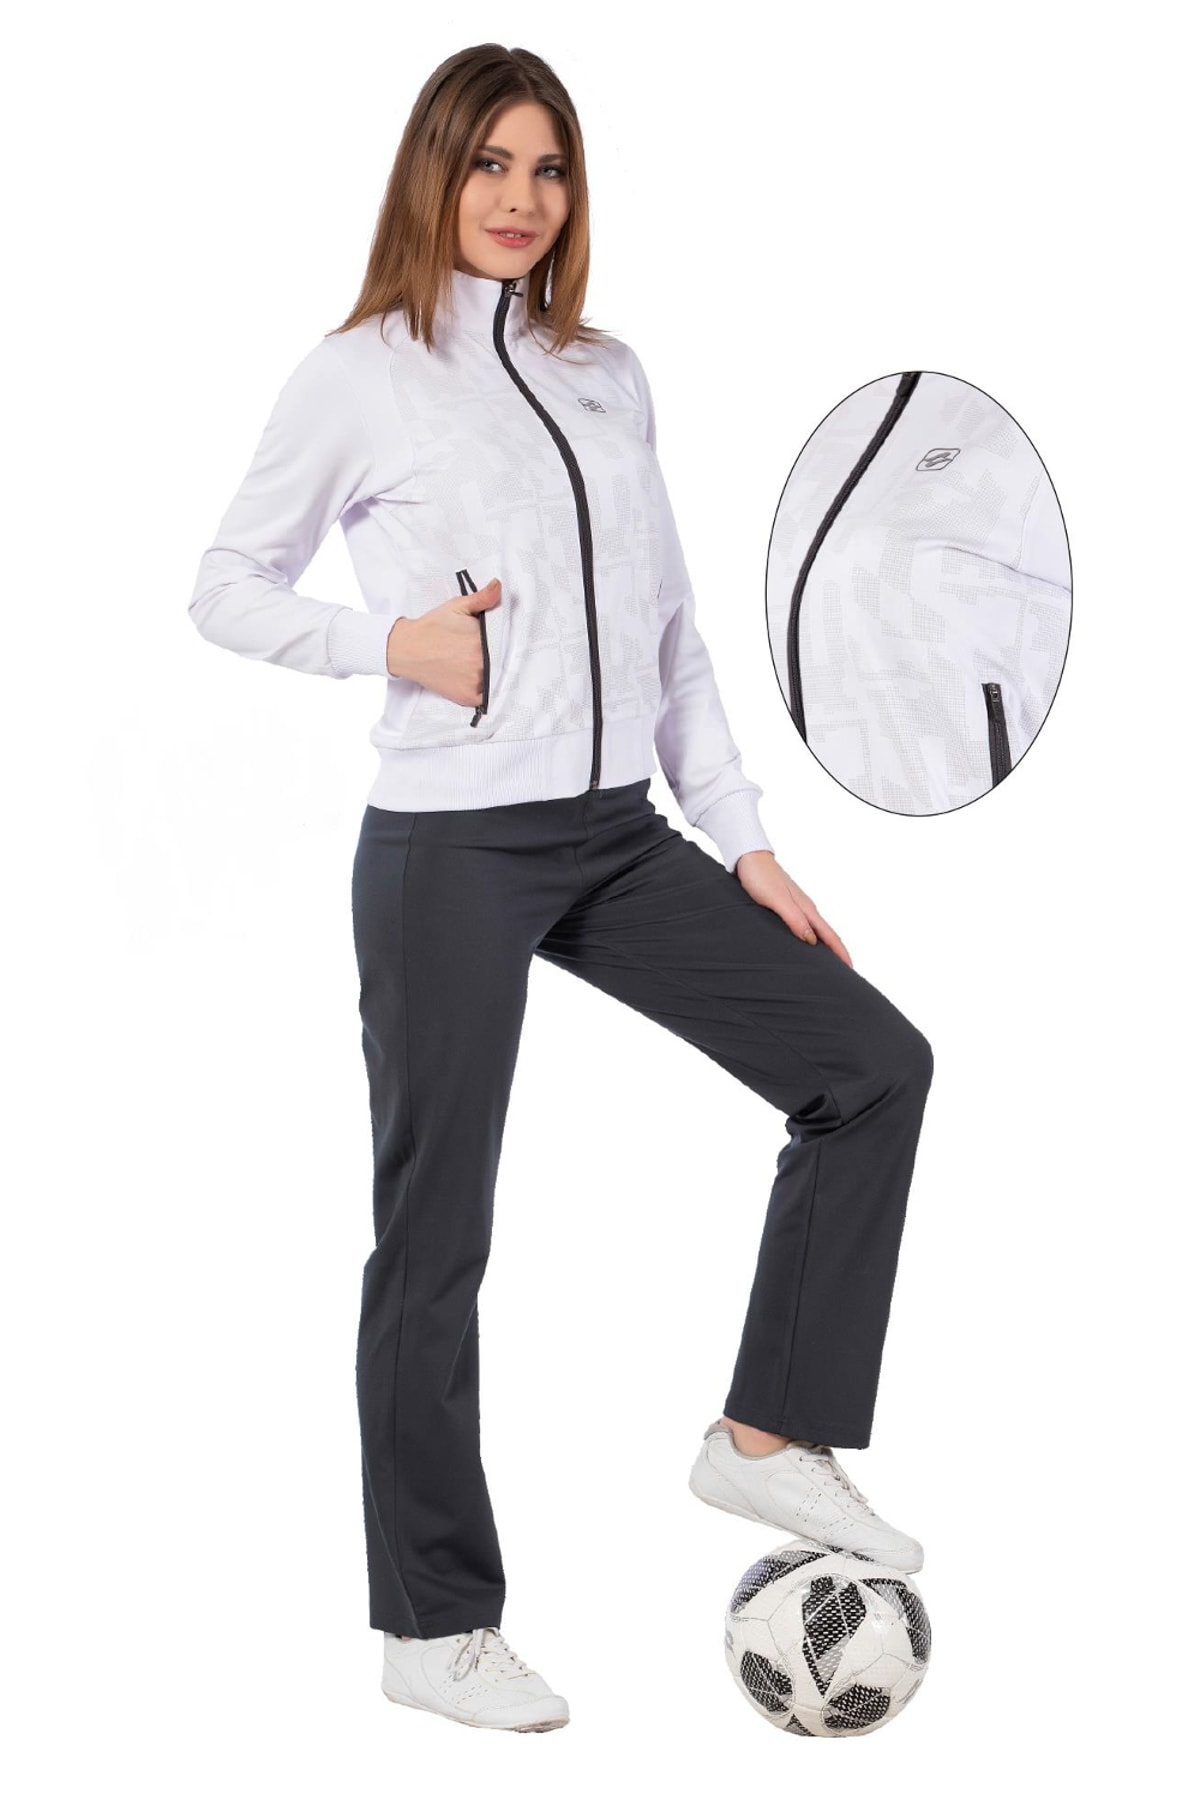 Crozwise kadın eşofman takımı dalgıç beyaz 1219-08 1